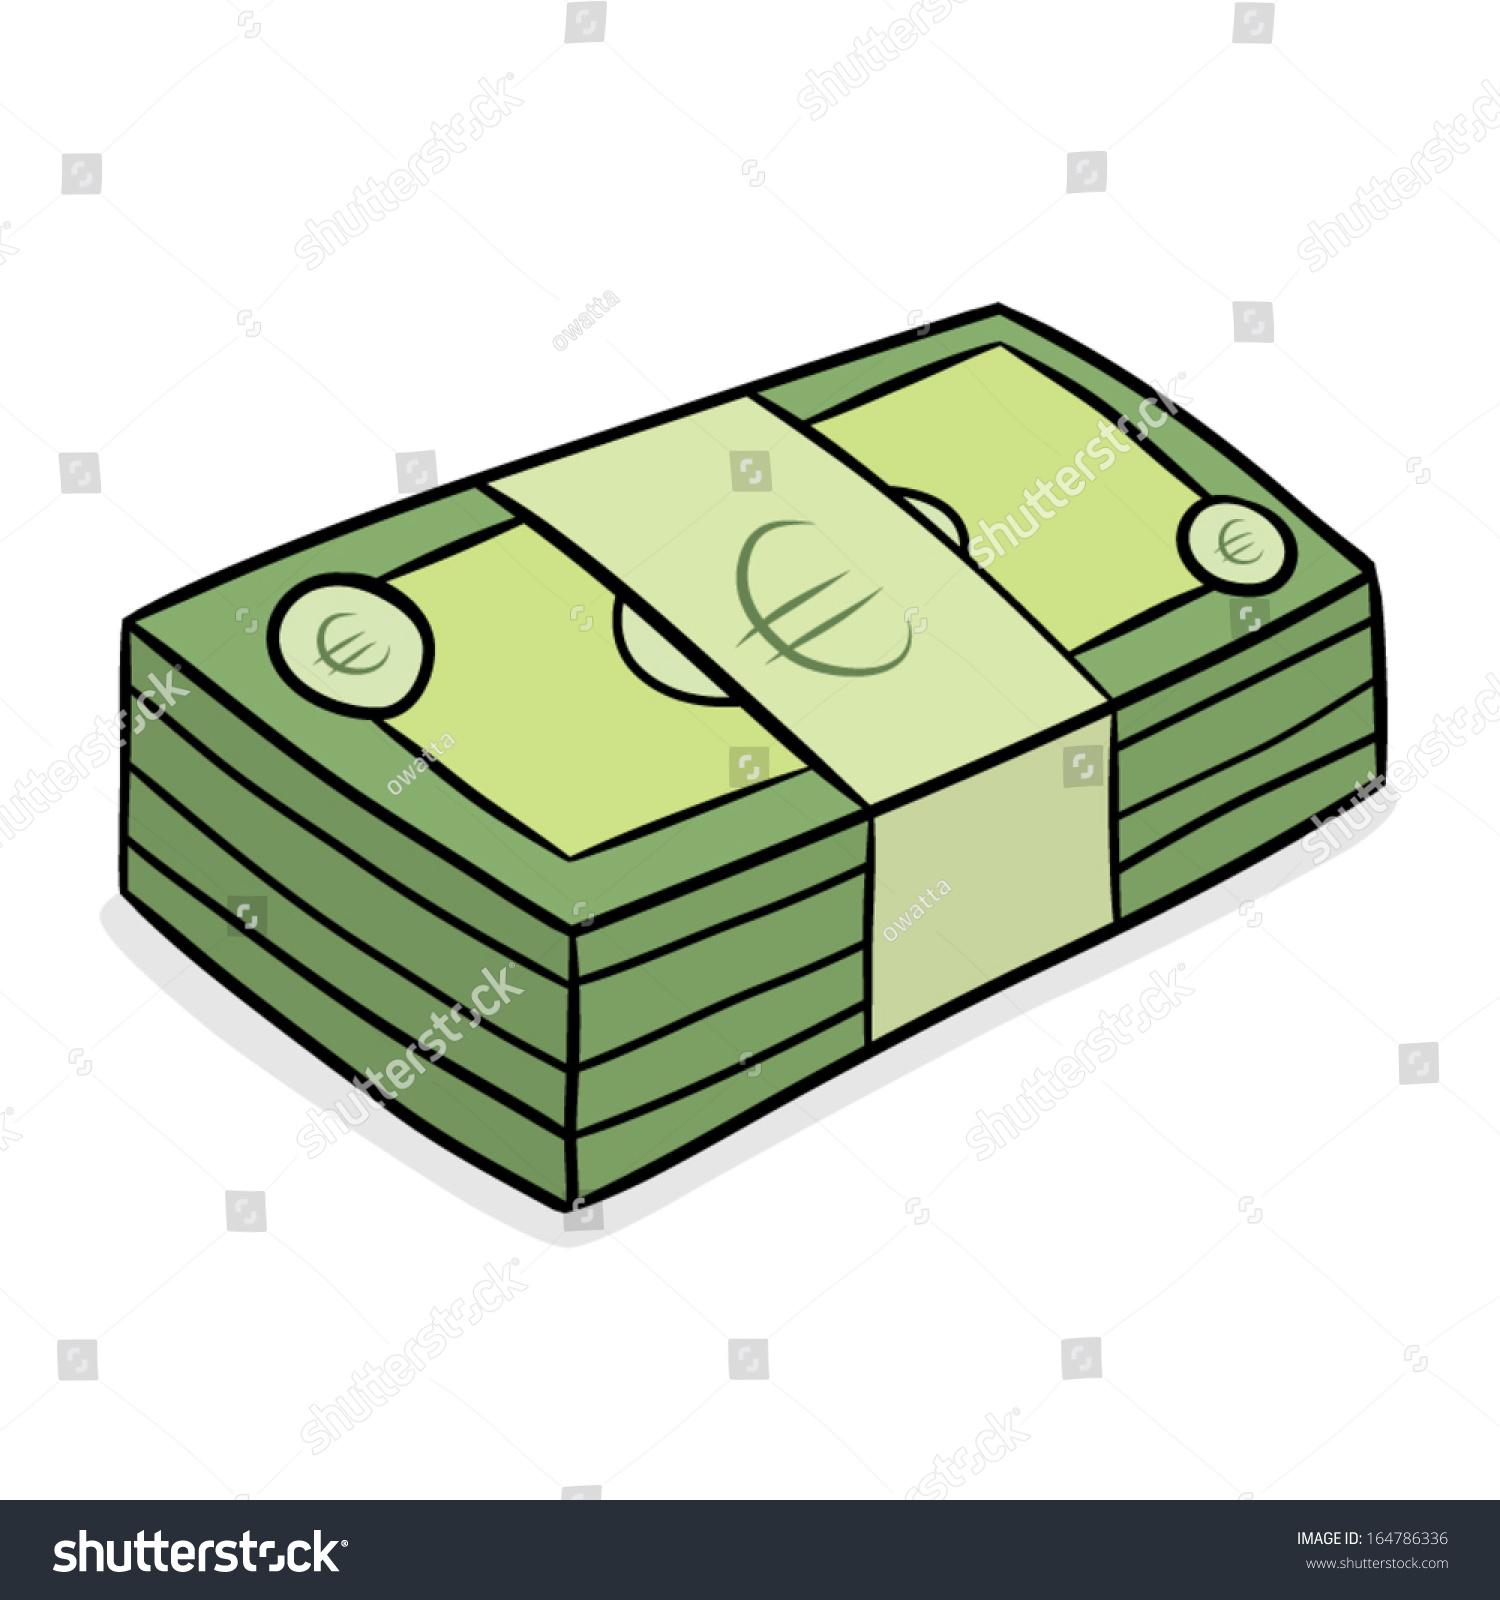 Stack Euro Bank Note Cartoon Vector Stock Vector 164786336